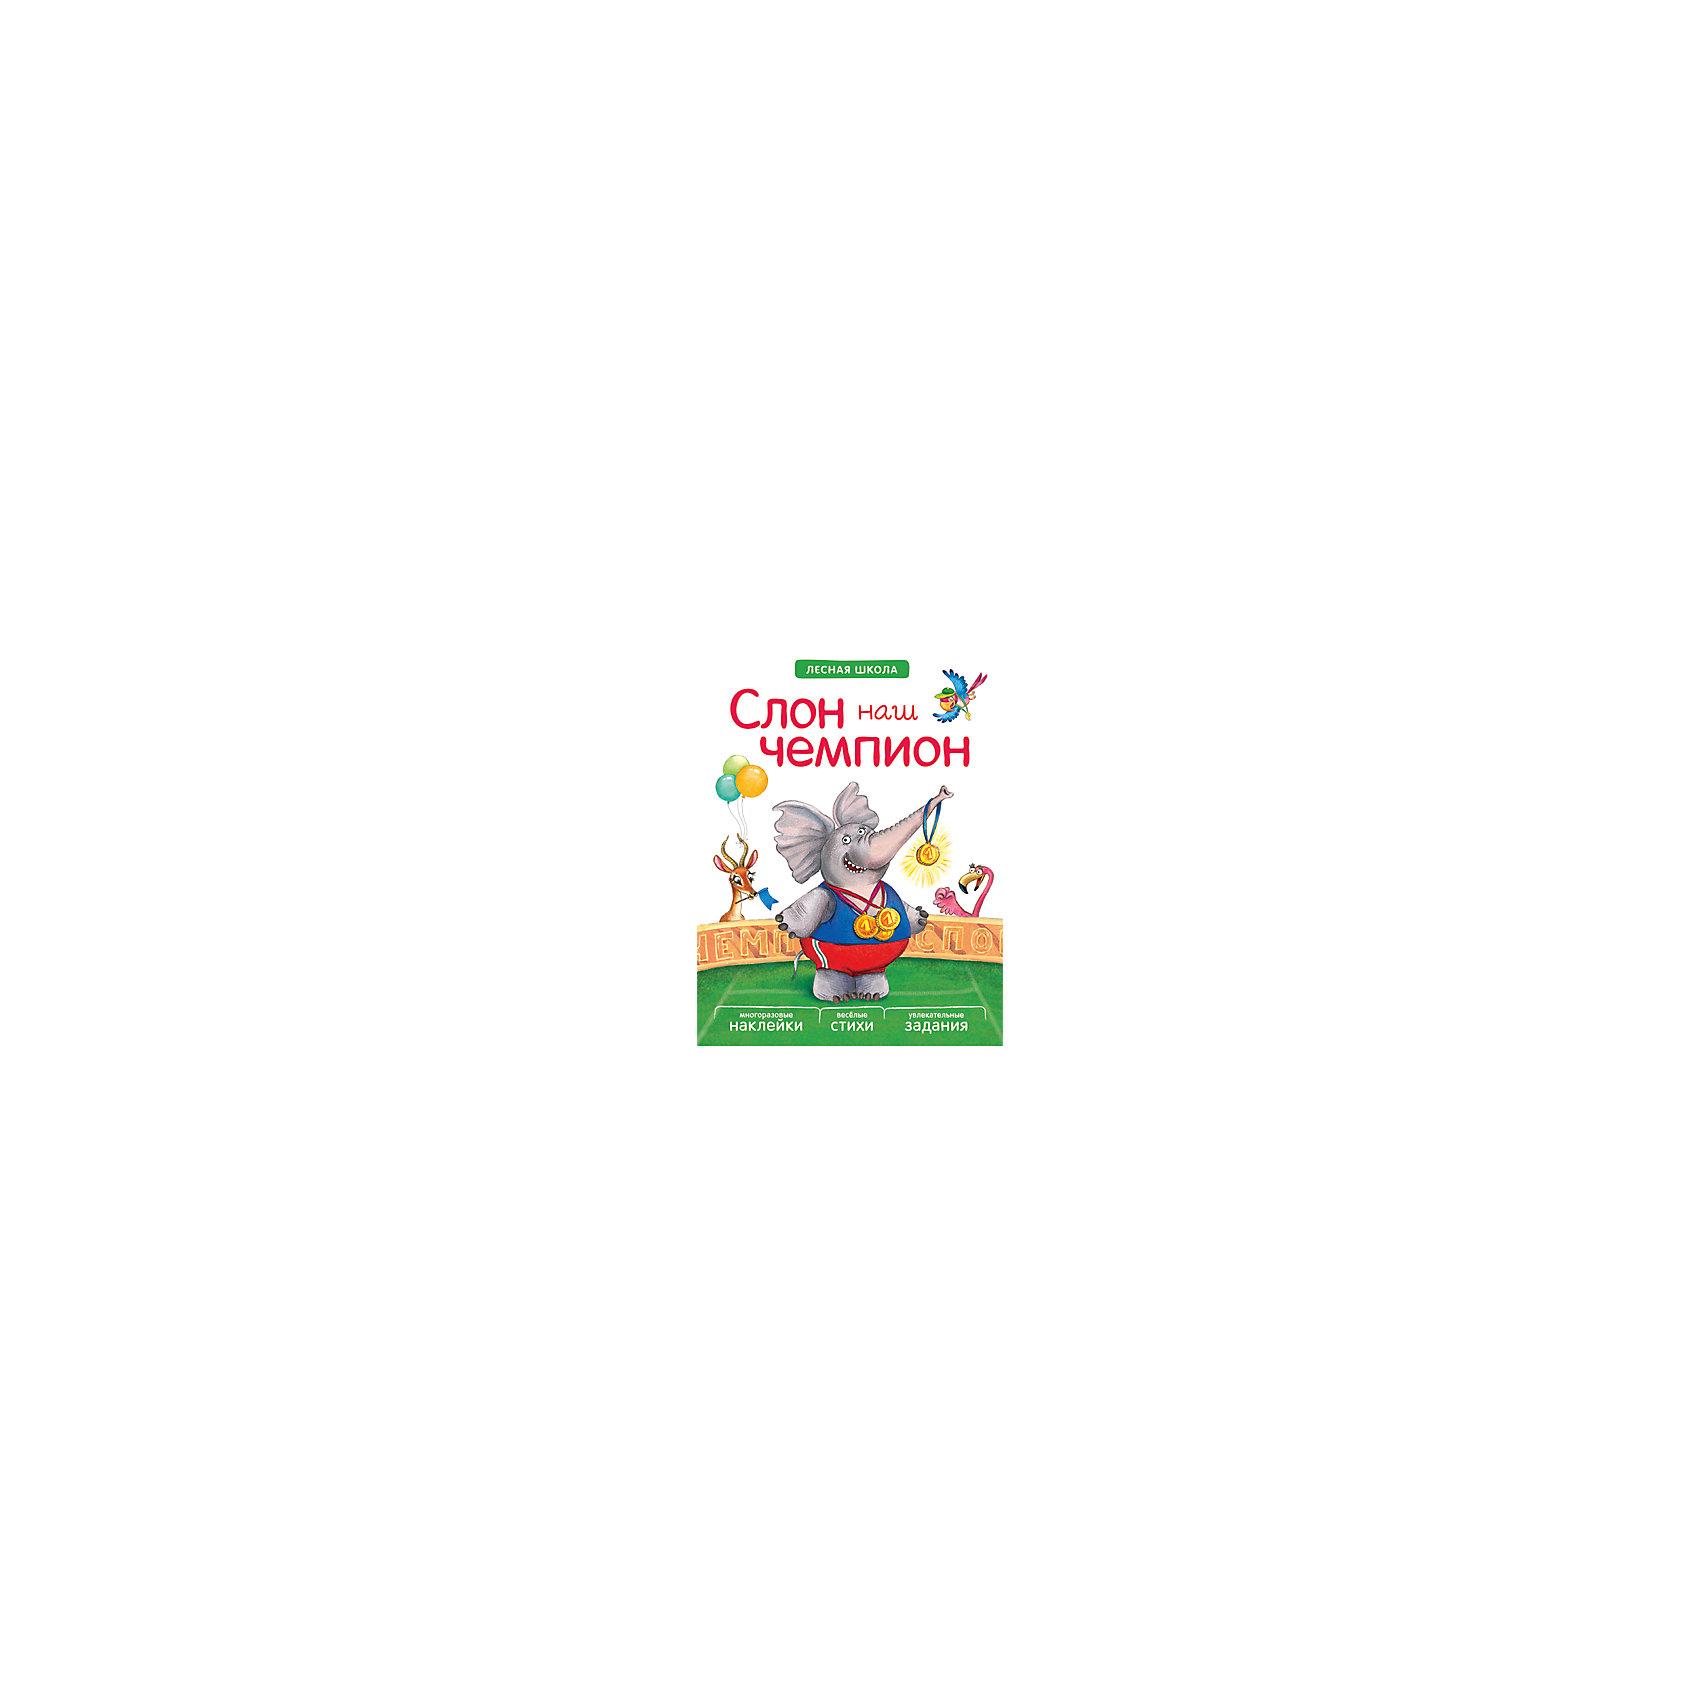 Книга Лесная школа: Слон наш чемпионСтихи<br>Книга «Лесная школа: Слон наш чемпион»<br><br>Характеристики:<br>• издательство: Мозаика-Синтез;<br>• размер: 20х26 см.;<br>• количество страниц: 18;<br>• тип обложки: мягкая;<br>• иллюстрации: цветные;<br>• ISBN: 9785431509438;<br>• вес: 89 г.;<br>• для детей в возрасте: от 4 до 7 лет;<br>• страна производитель: Россия.<br>Развивающая книжка с наклейками из серии «Лесная школа» предназначена для занятий с детьми и обучению видам спорта. Книга с яркими рисунками на всю страницу наполнена стихотворениями, интересными заданиями и подразумевает использование наклеек из комплекта. Интересная история о слоне позволит ребёнку выучить цифры и счёт, а также принимать участие по ходу рассказа с помощью наклеек и заданий. Наклейки из набора качественно проработаны и могут быть наклеены несколько раз. Занимаясь с этой книжкой дети смогут развивать мелкую моторику рук, логическое мышление, чувство цвета, творческие способности. Слушая сказки и отвечая на вопросы дети развивают память, словарный запас, учатся правильно формировать и строить предложения, запоминают основные правила русского языка.<br>Книгу «Лесная школа: Слон наш чемпион» можно купить в нашем интернет-магазине.<br><br>Ширина мм: 20<br>Глубина мм: 195<br>Высота мм: 255<br>Вес г: 87<br>Возраст от месяцев: 48<br>Возраст до месяцев: 84<br>Пол: Унисекс<br>Возраст: Детский<br>SKU: 5562633